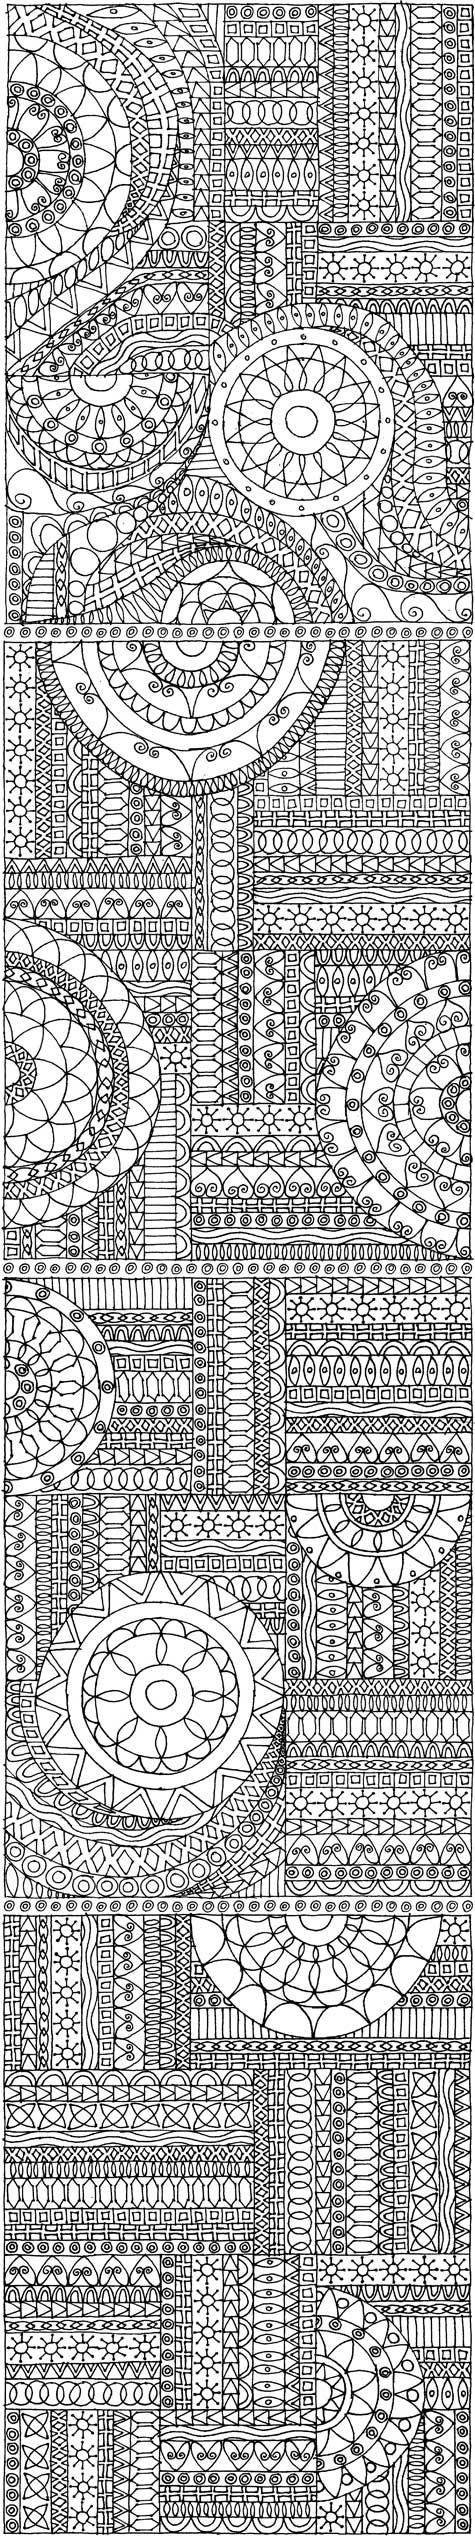 Doodle275